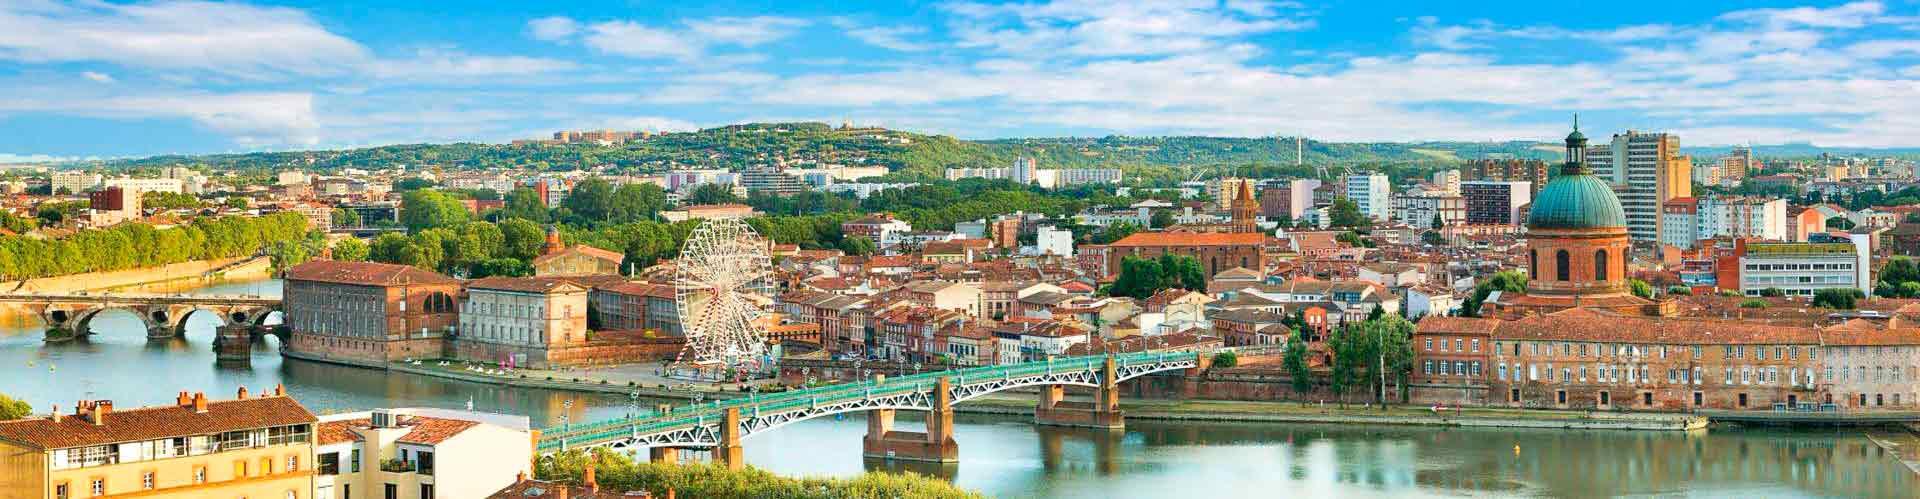 Free Tour Toulouse - Turismo Francia